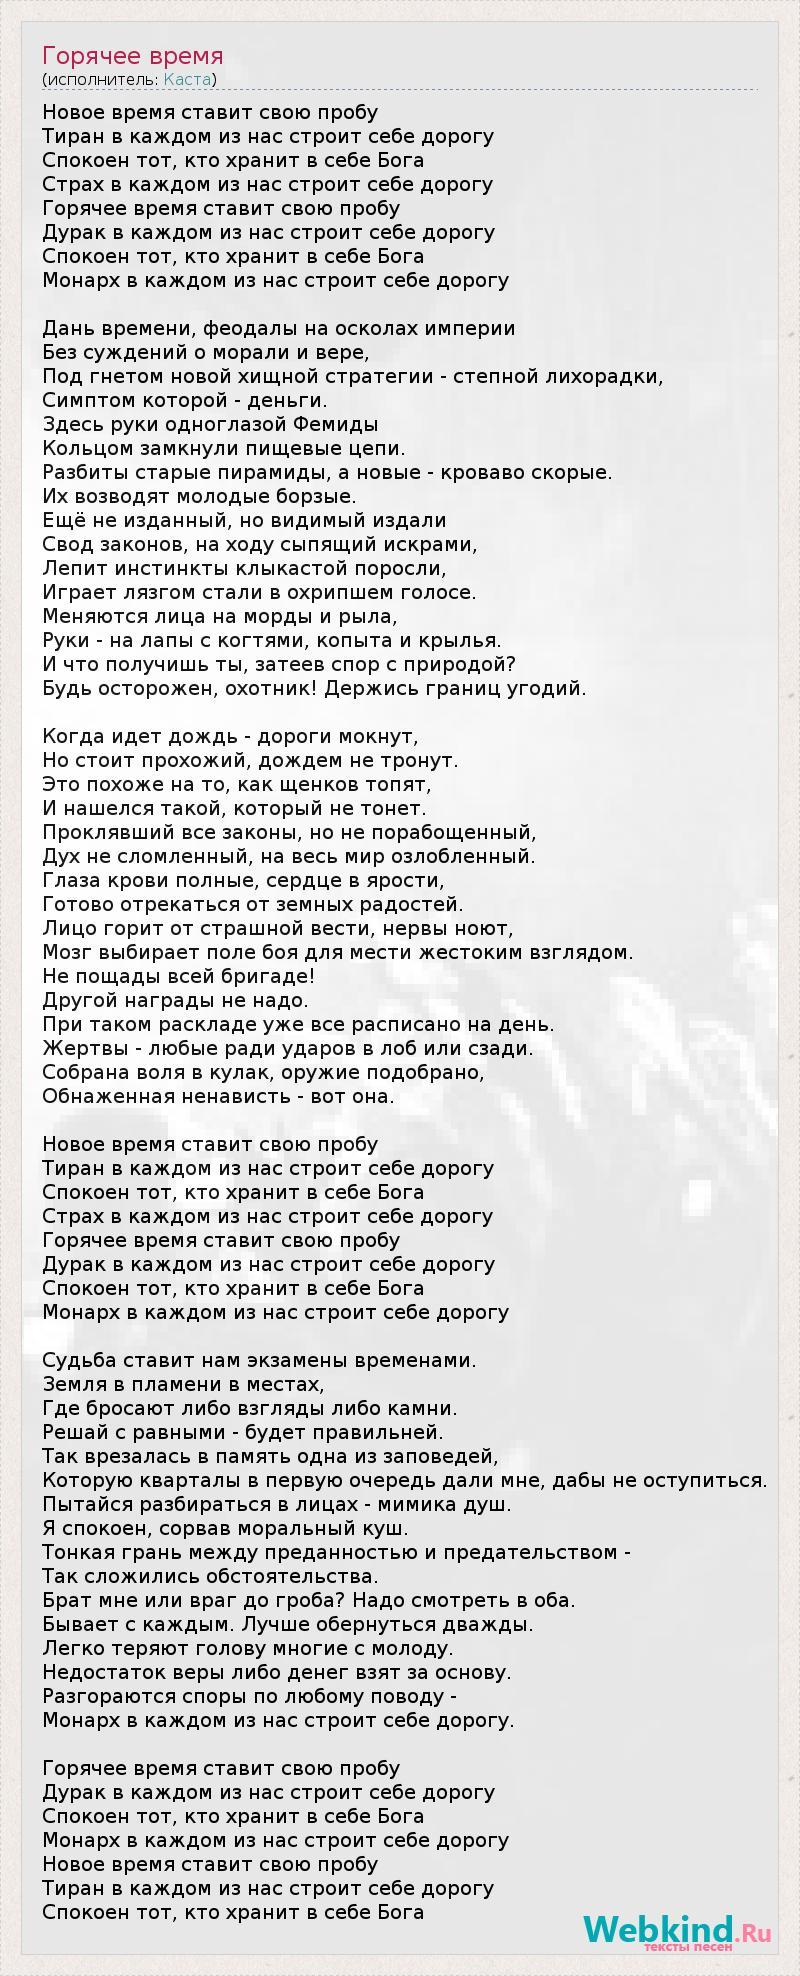 goryachee-vremya-tekst-gruboe-porno-seks-onlayn